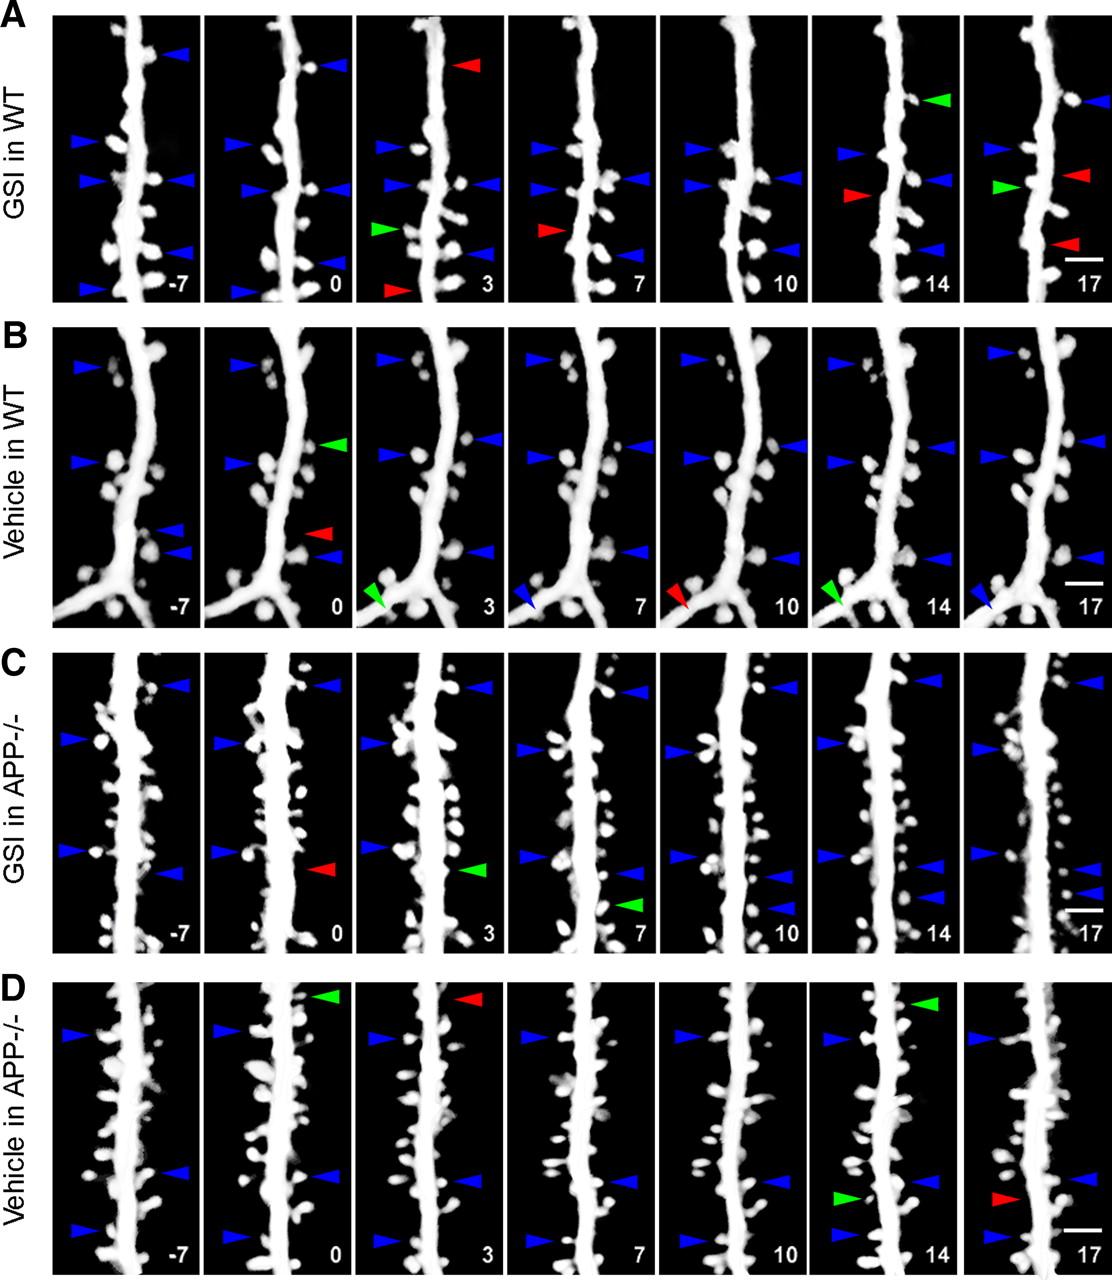 γ-Secretase Inhibition Reduces Spine Density In Vivo via an